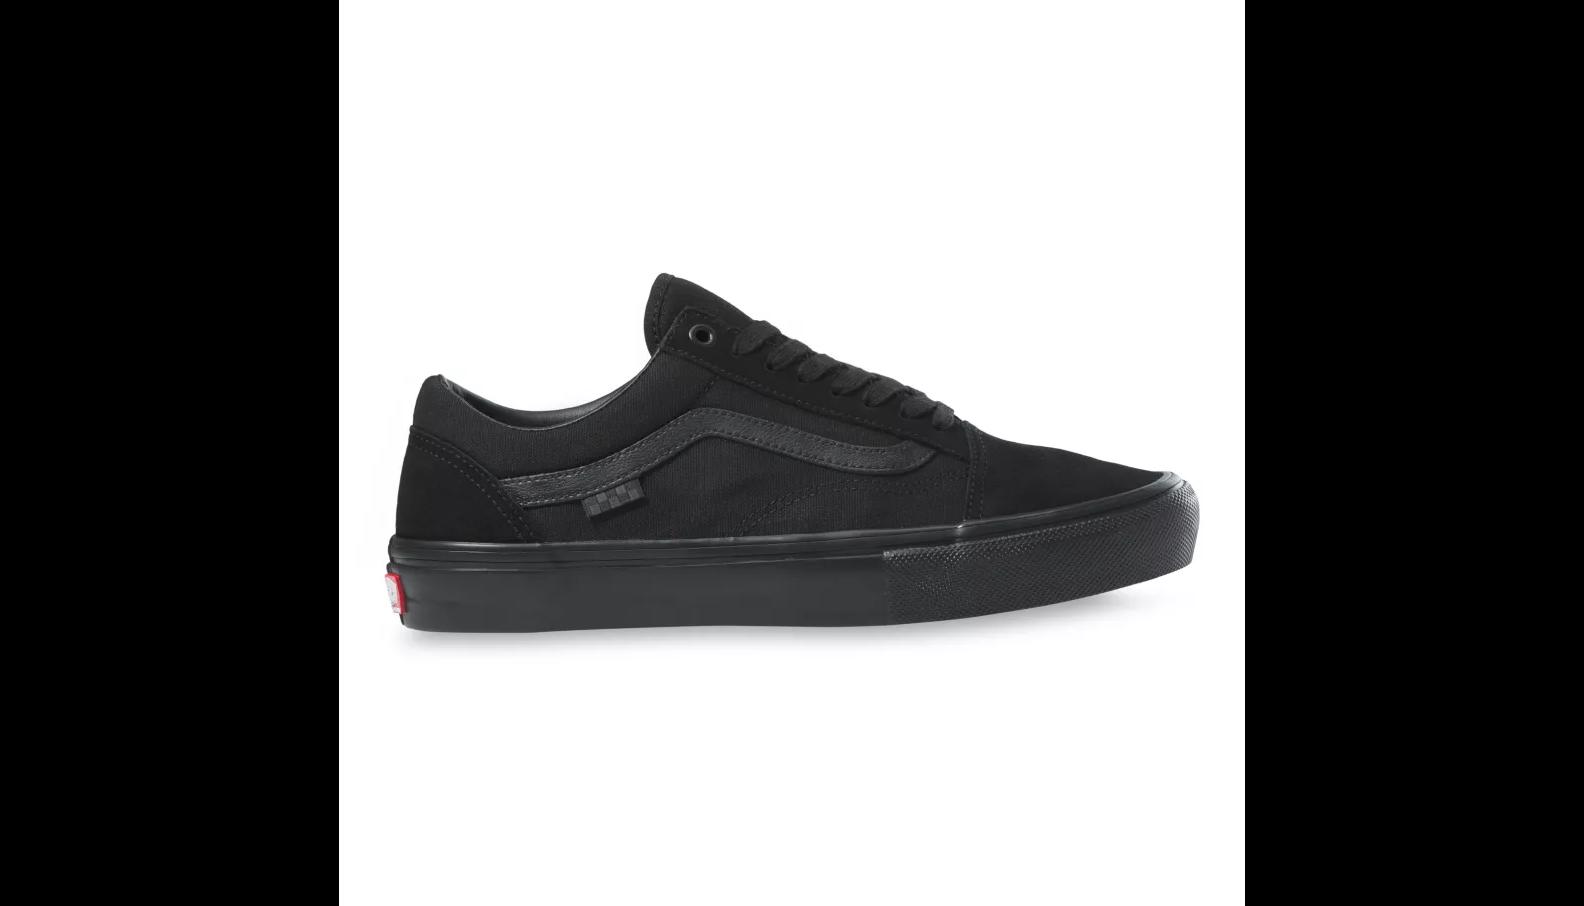 Vans Skate Old Skool - Black/Black